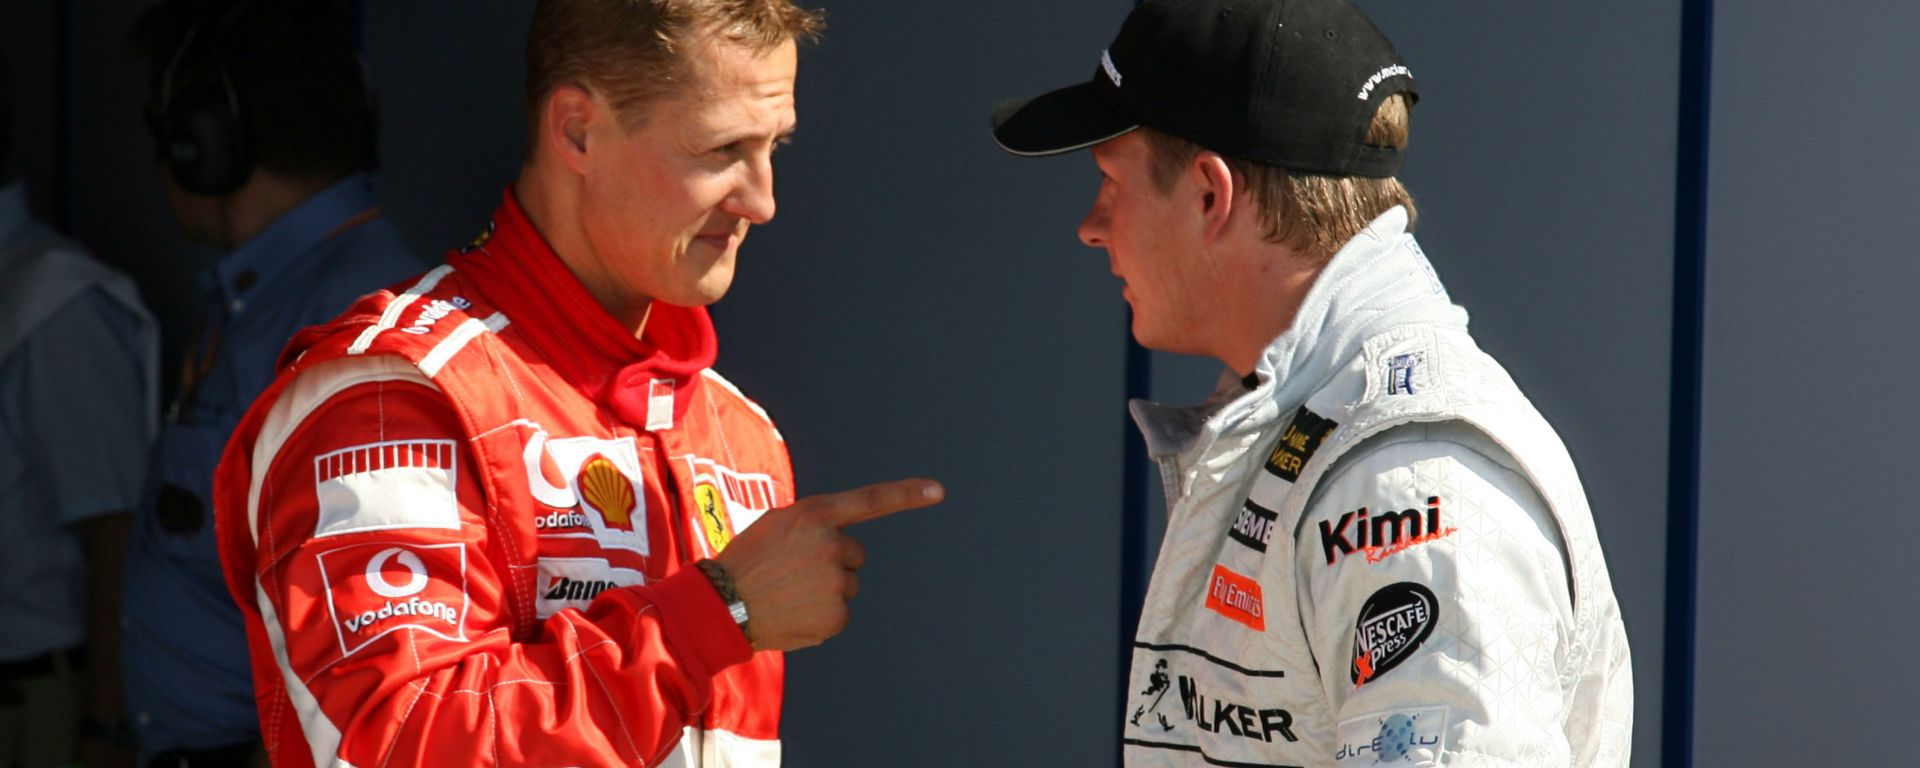 F1, GP Italia 2006: Michael Schumacher (Ferrari) e Kimi Raikkonen (McLaren)